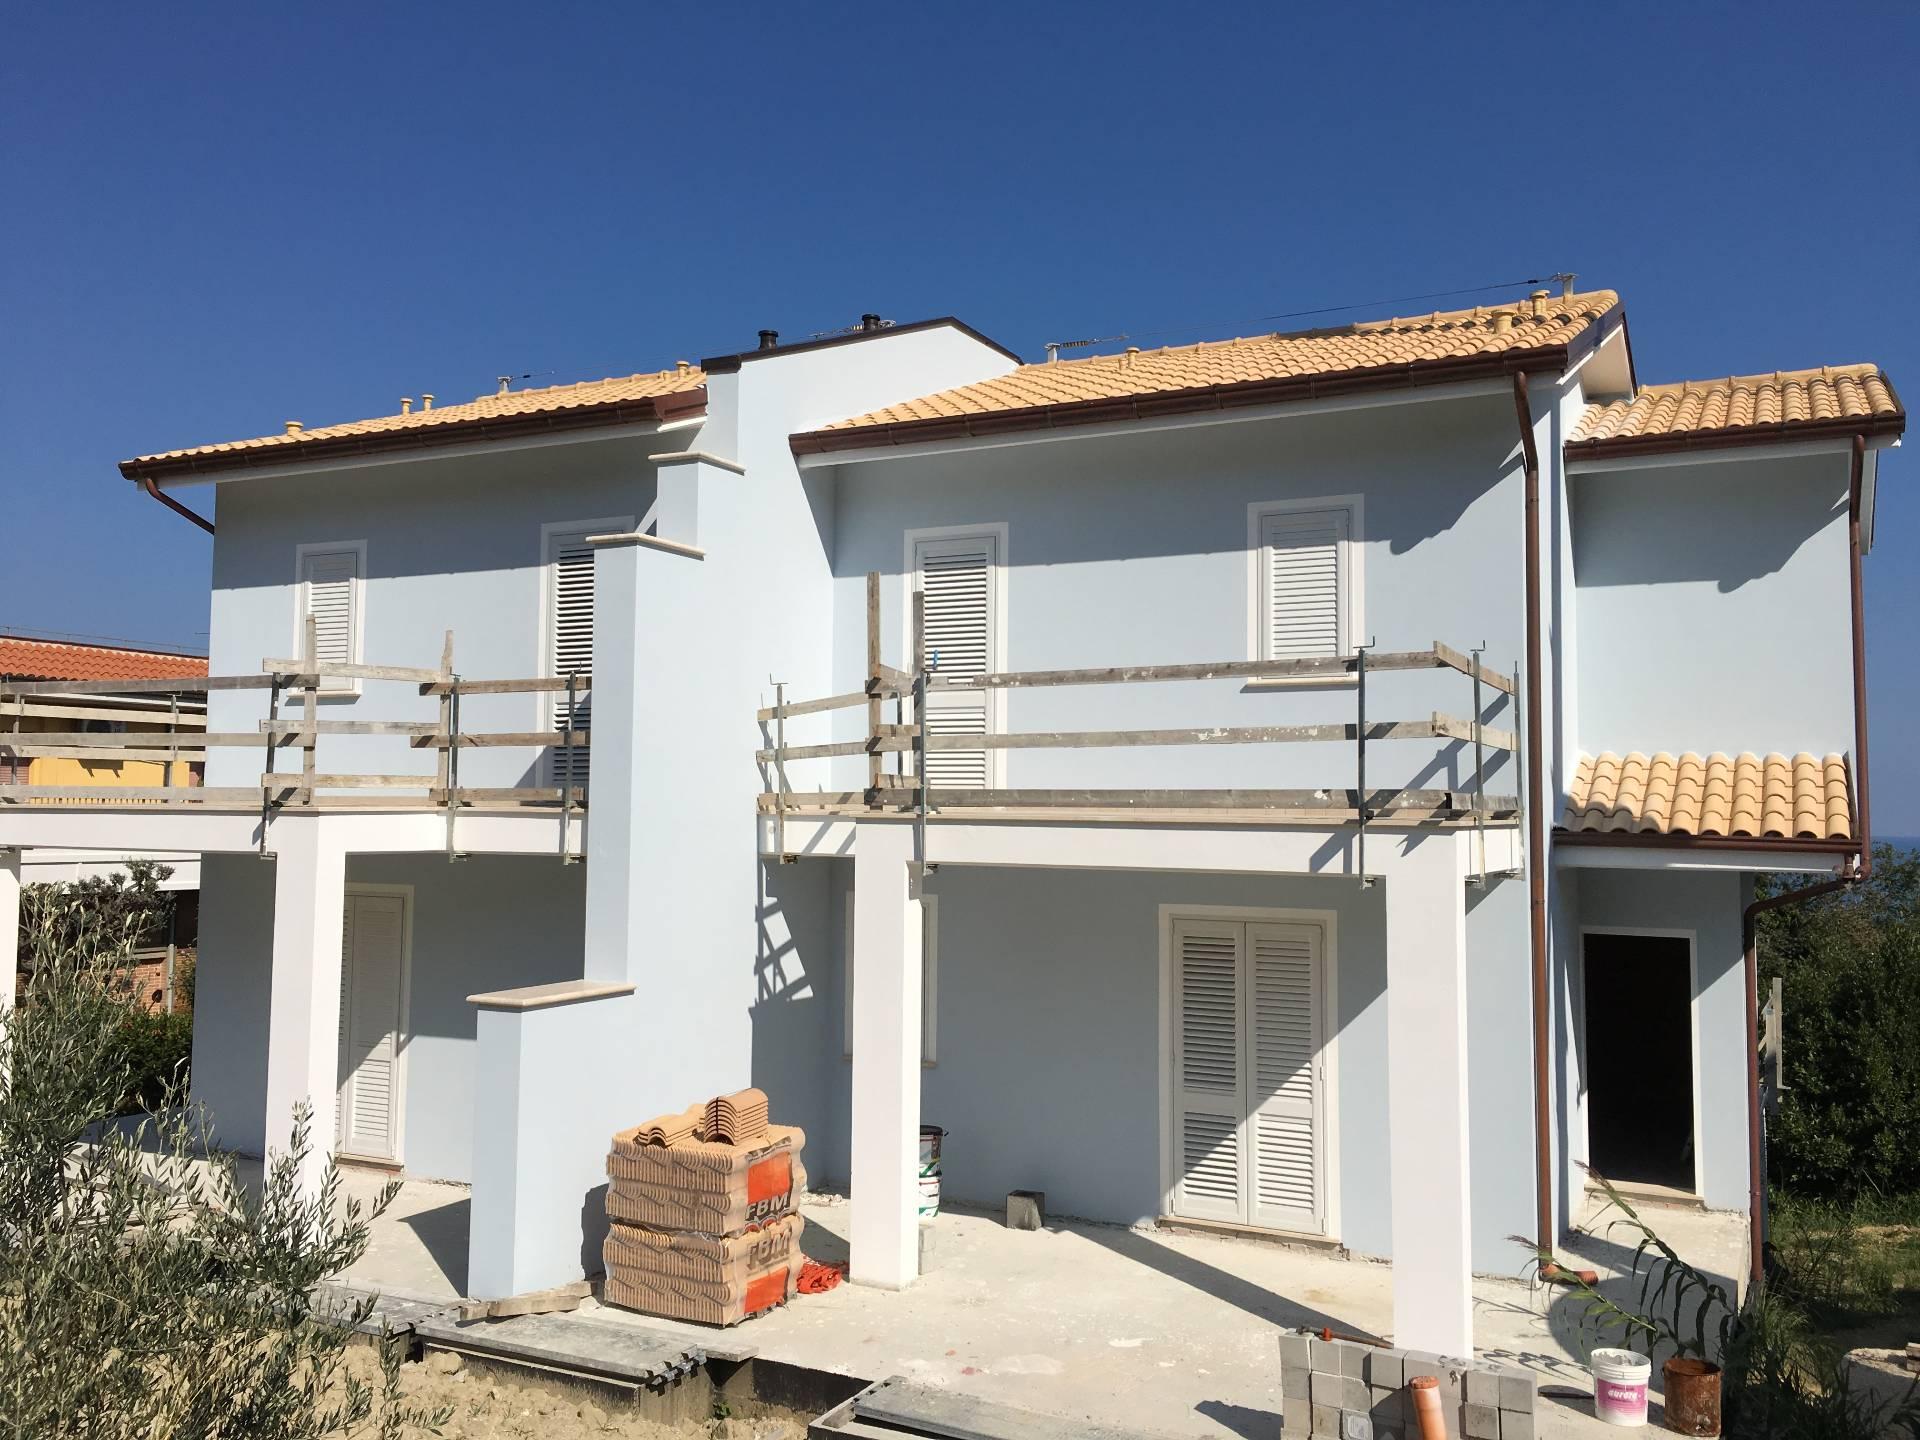 Villa in vendita a San Benedetto del Tronto, 5 locali, zona Località: zonaS.Lucia, prezzo € 395.000 | Cambio Casa.it